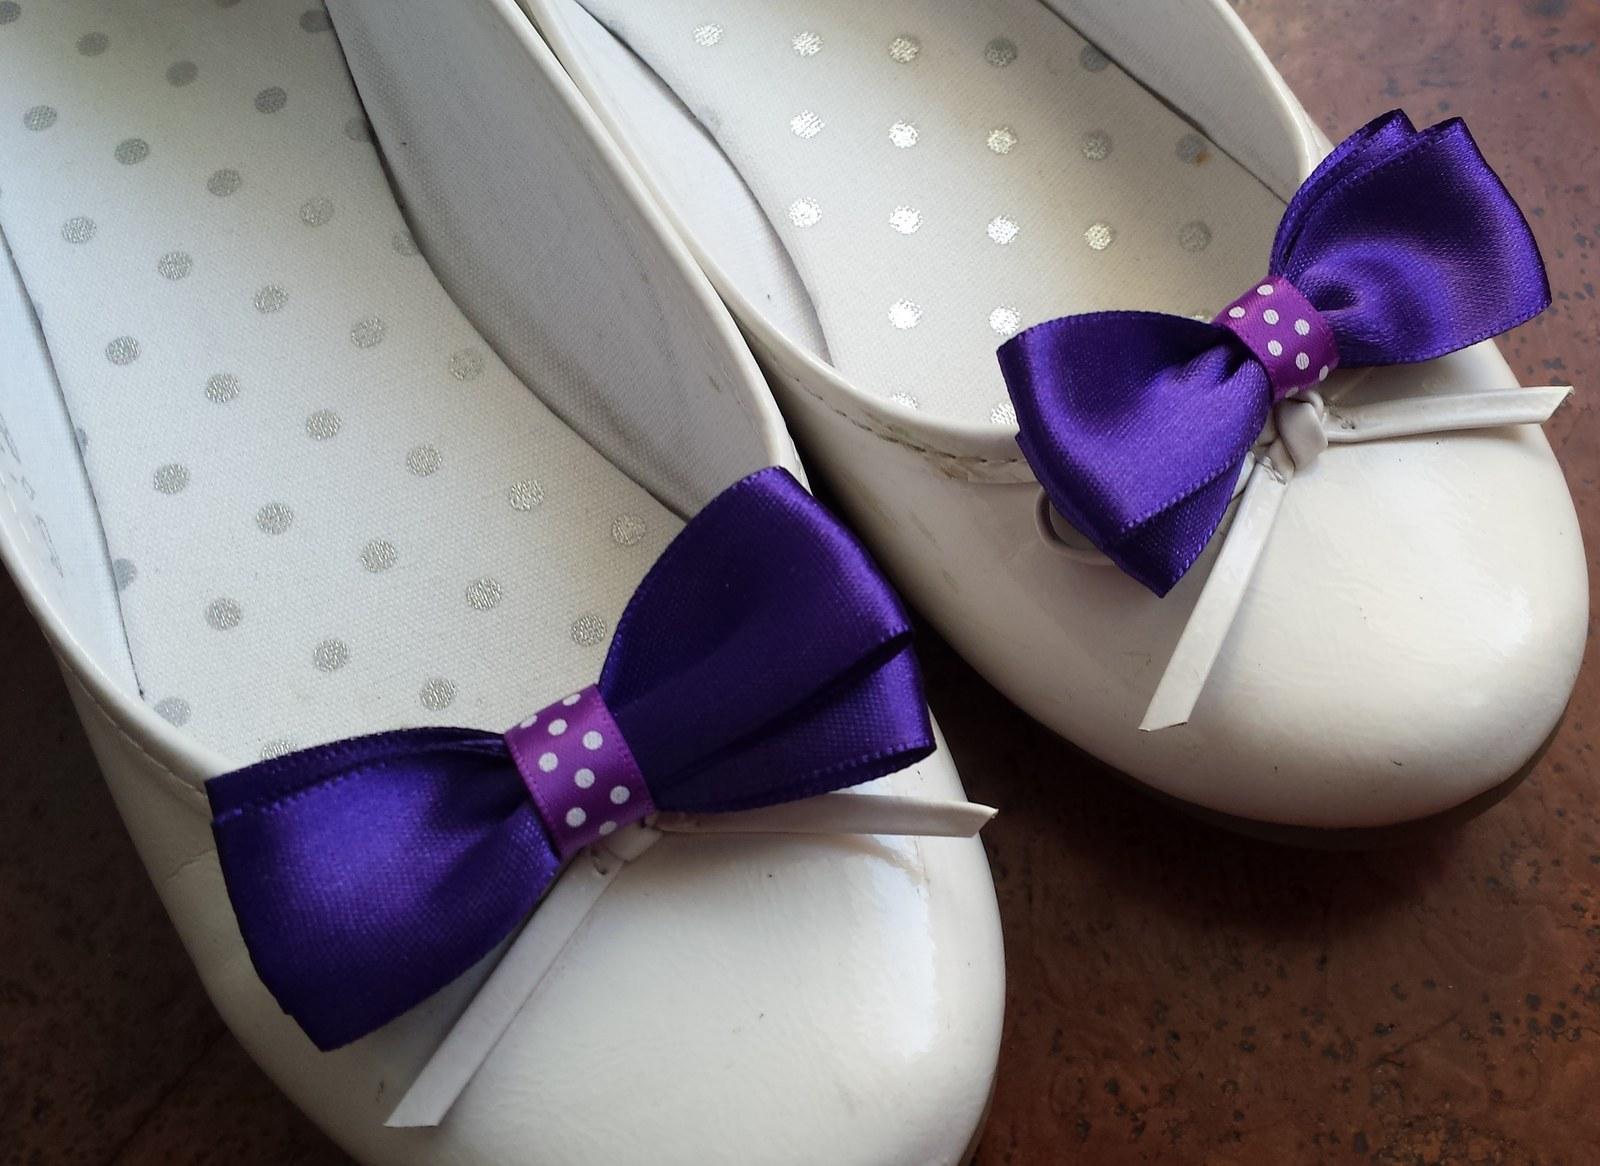 Klipy na boty pro nevěstu s fialovou mašličkou - Obrázek č. 1